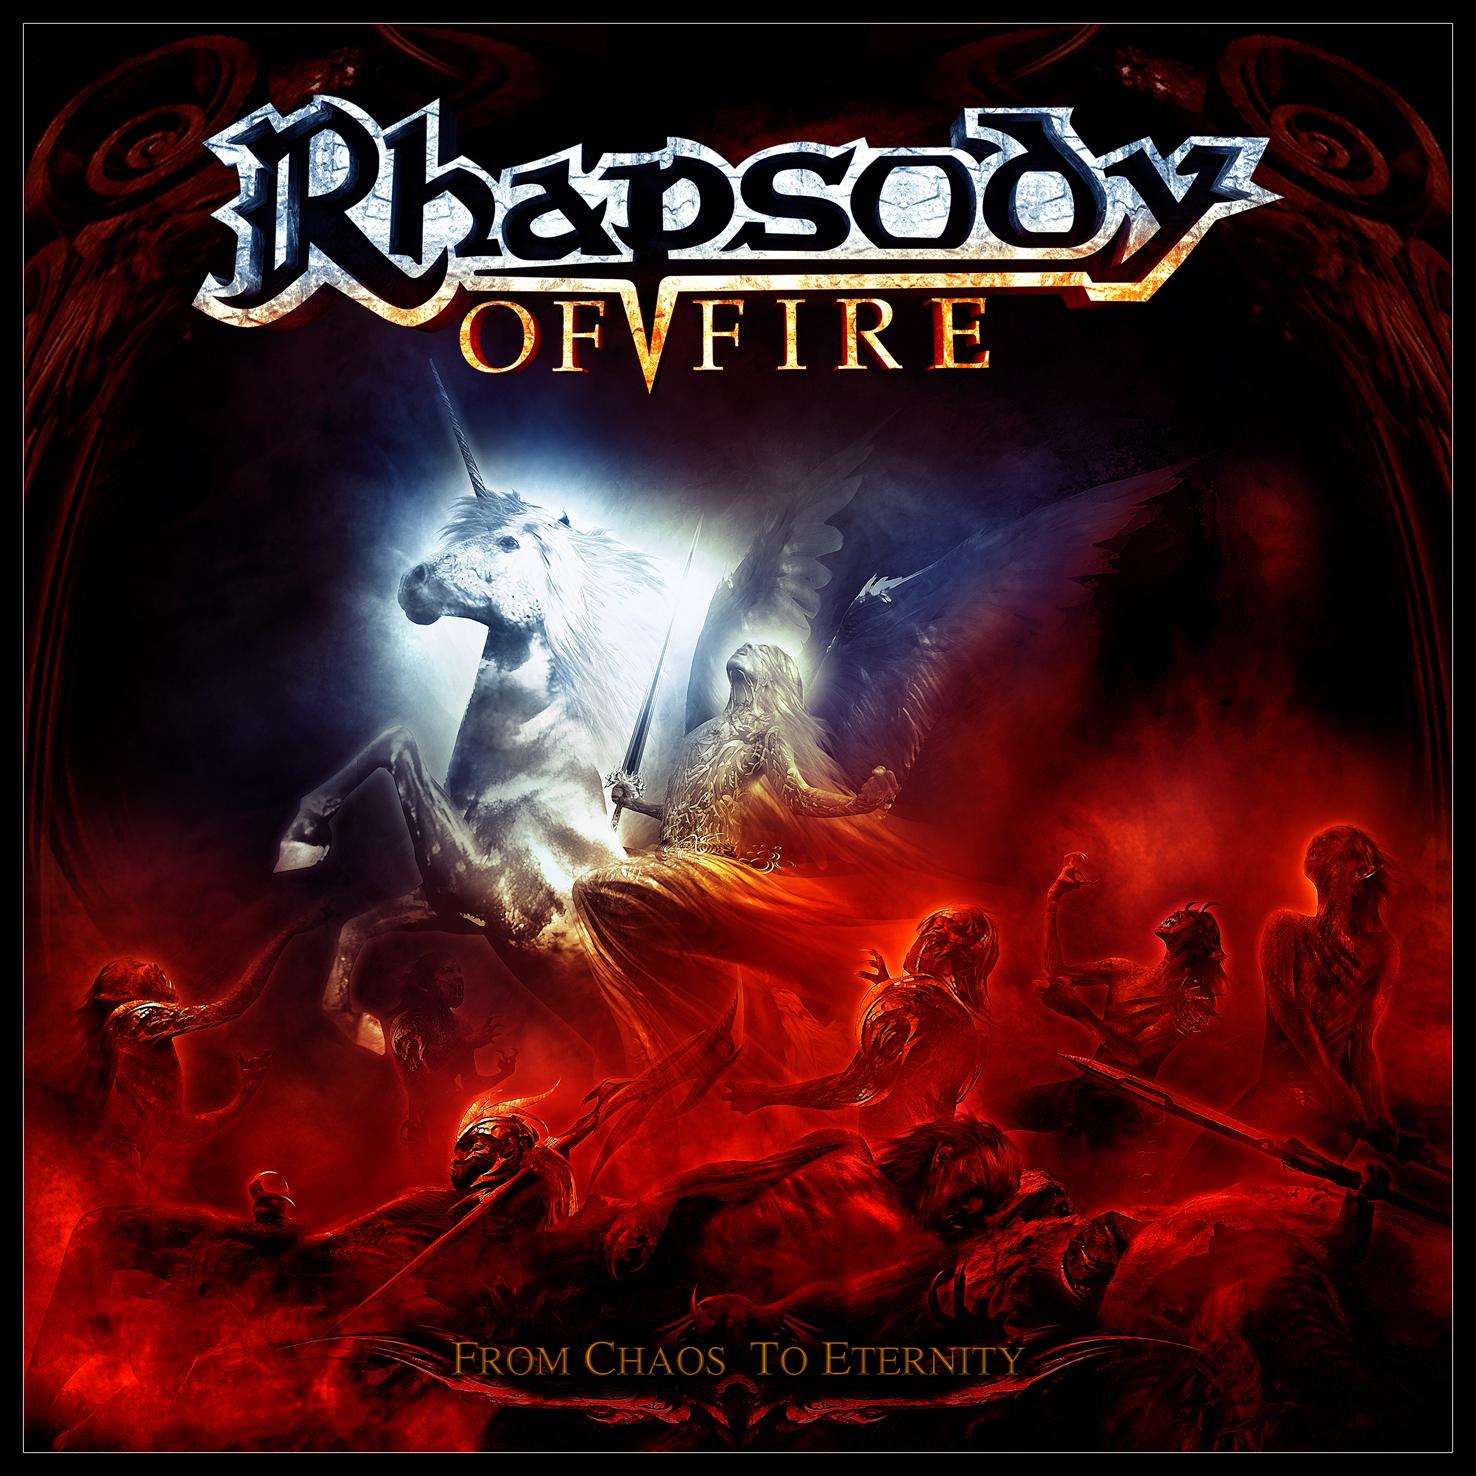 http://2.bp.blogspot.com/-qG2TSwLs-_Y/TenOBeMm5OI/AAAAAAAAAZU/_ZzHa0Mj1E8/s1600/rhapsody.of.fire.from.chaos.to.eternity.jpg